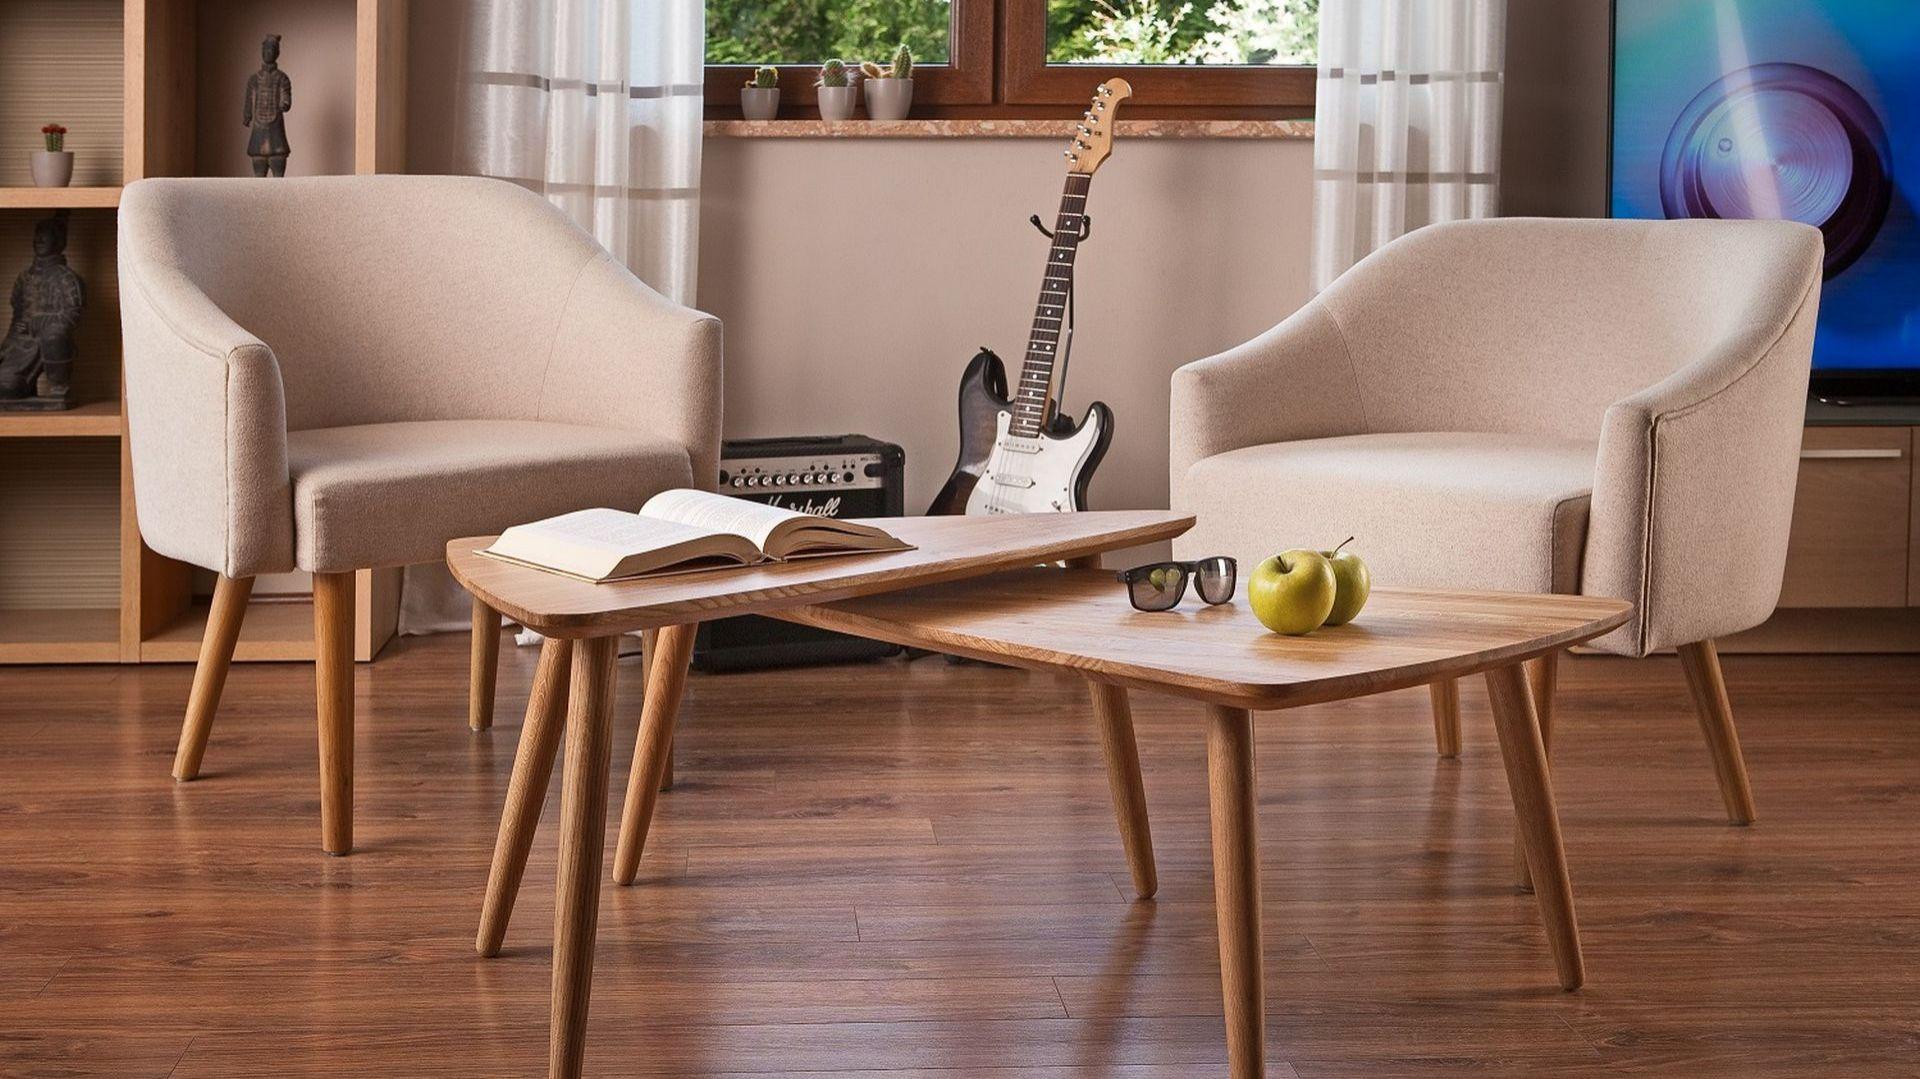 Jadalnia, gabinet, bawialnia, pokój do codziennego relaksu – w niewielkich mieszkaniach salon pełni wiele funkcji. Fot. Paged Meble